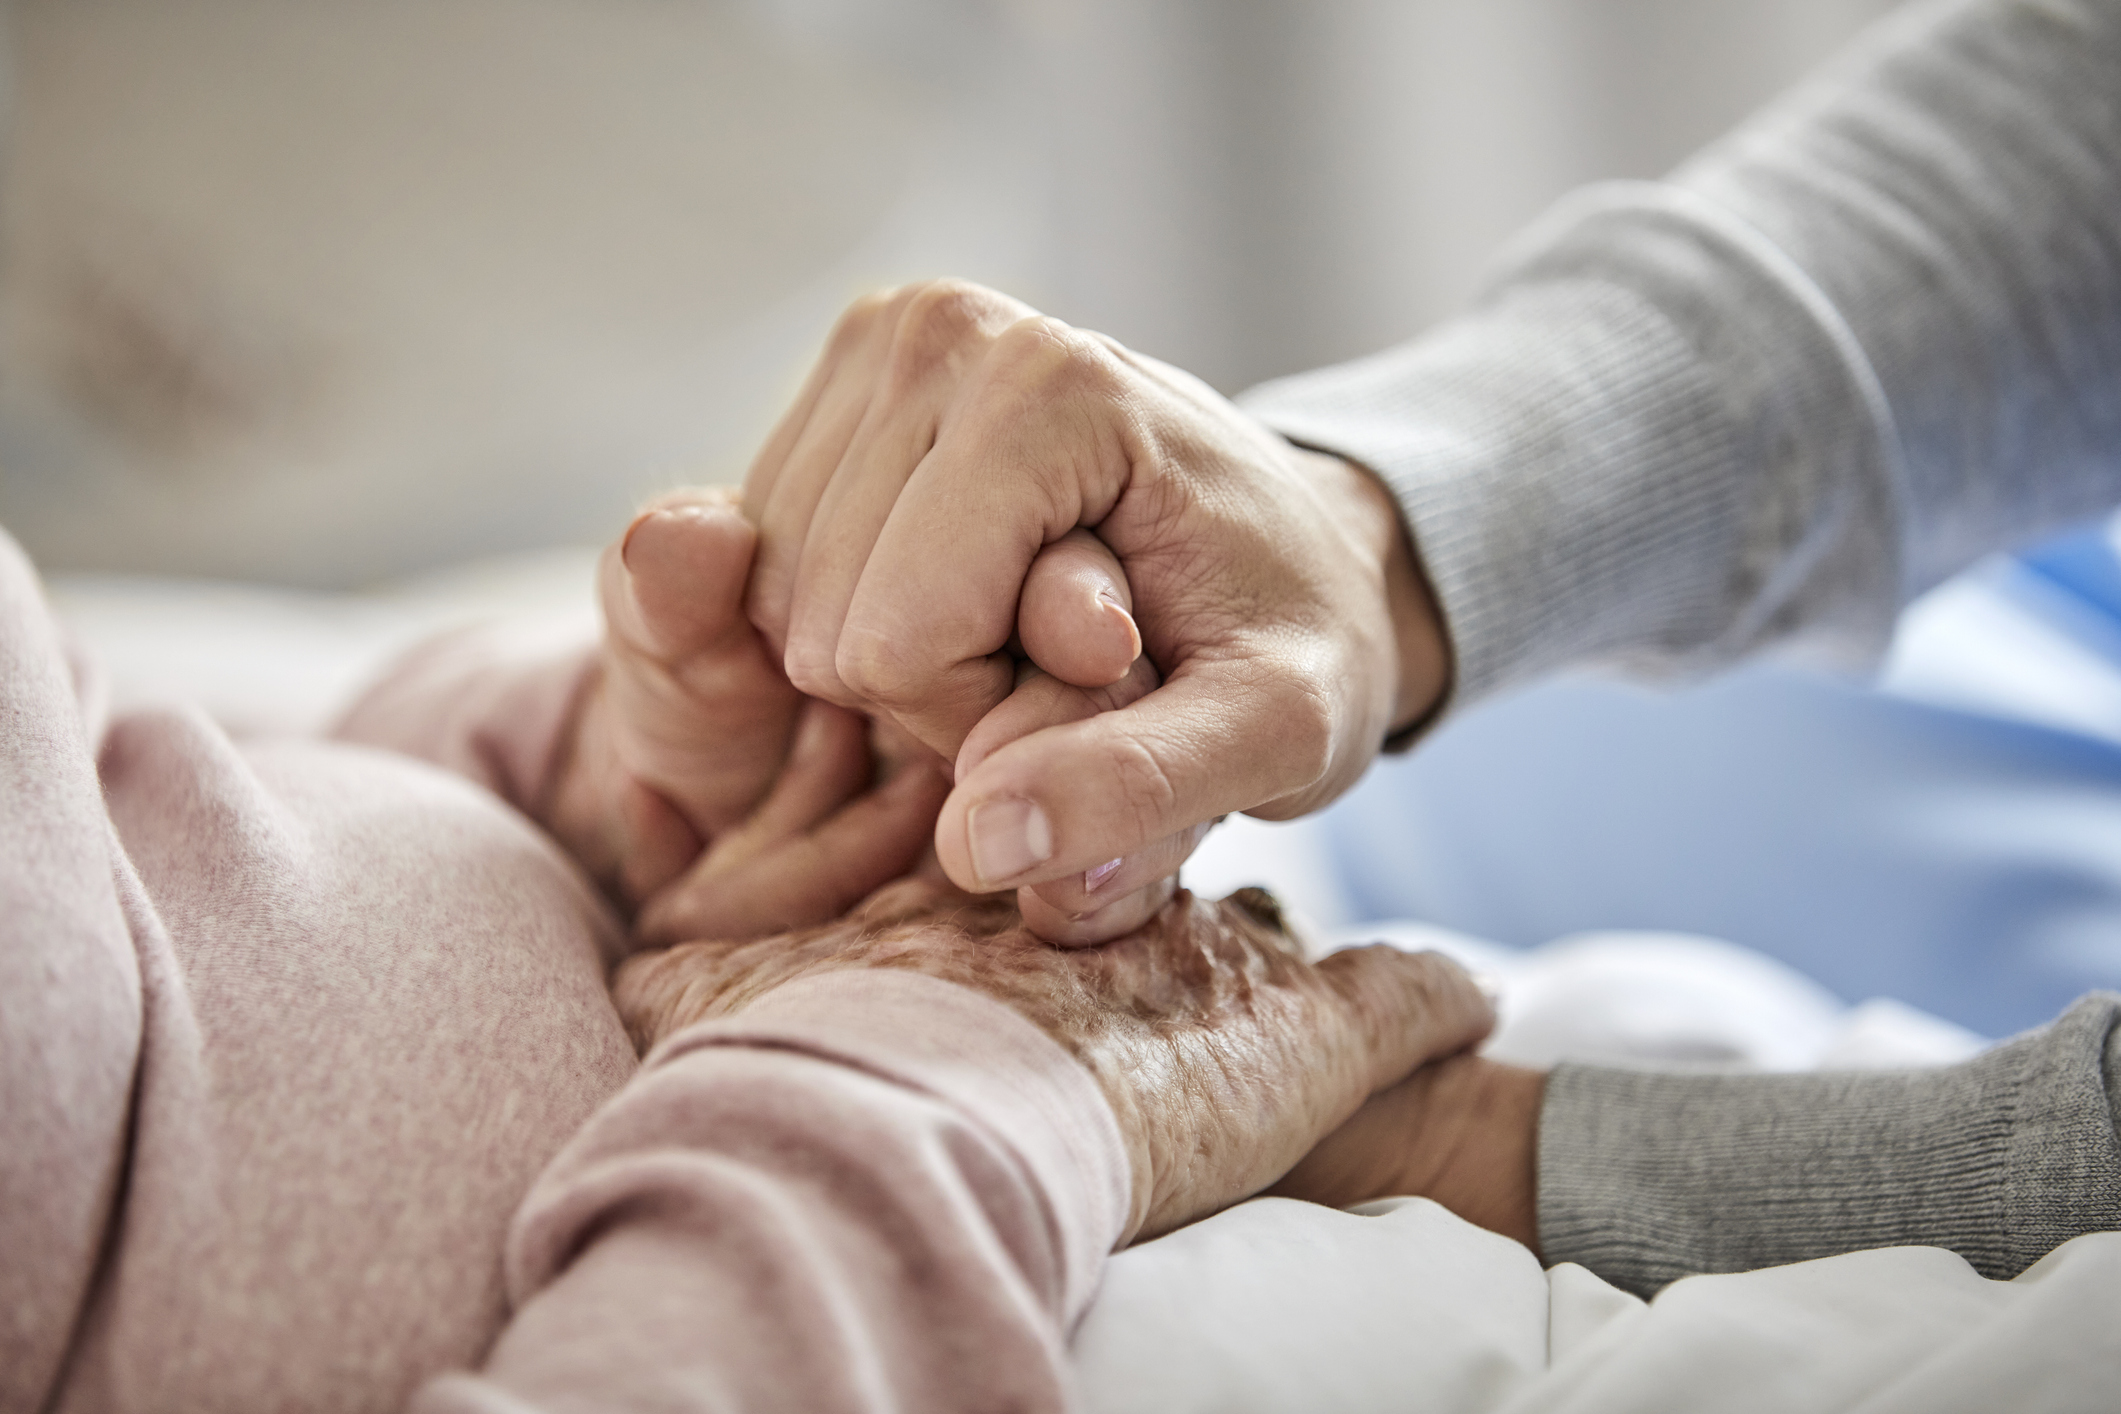 Quitter la maison de retraite pour une fin de vie à domicile - Odella.fr